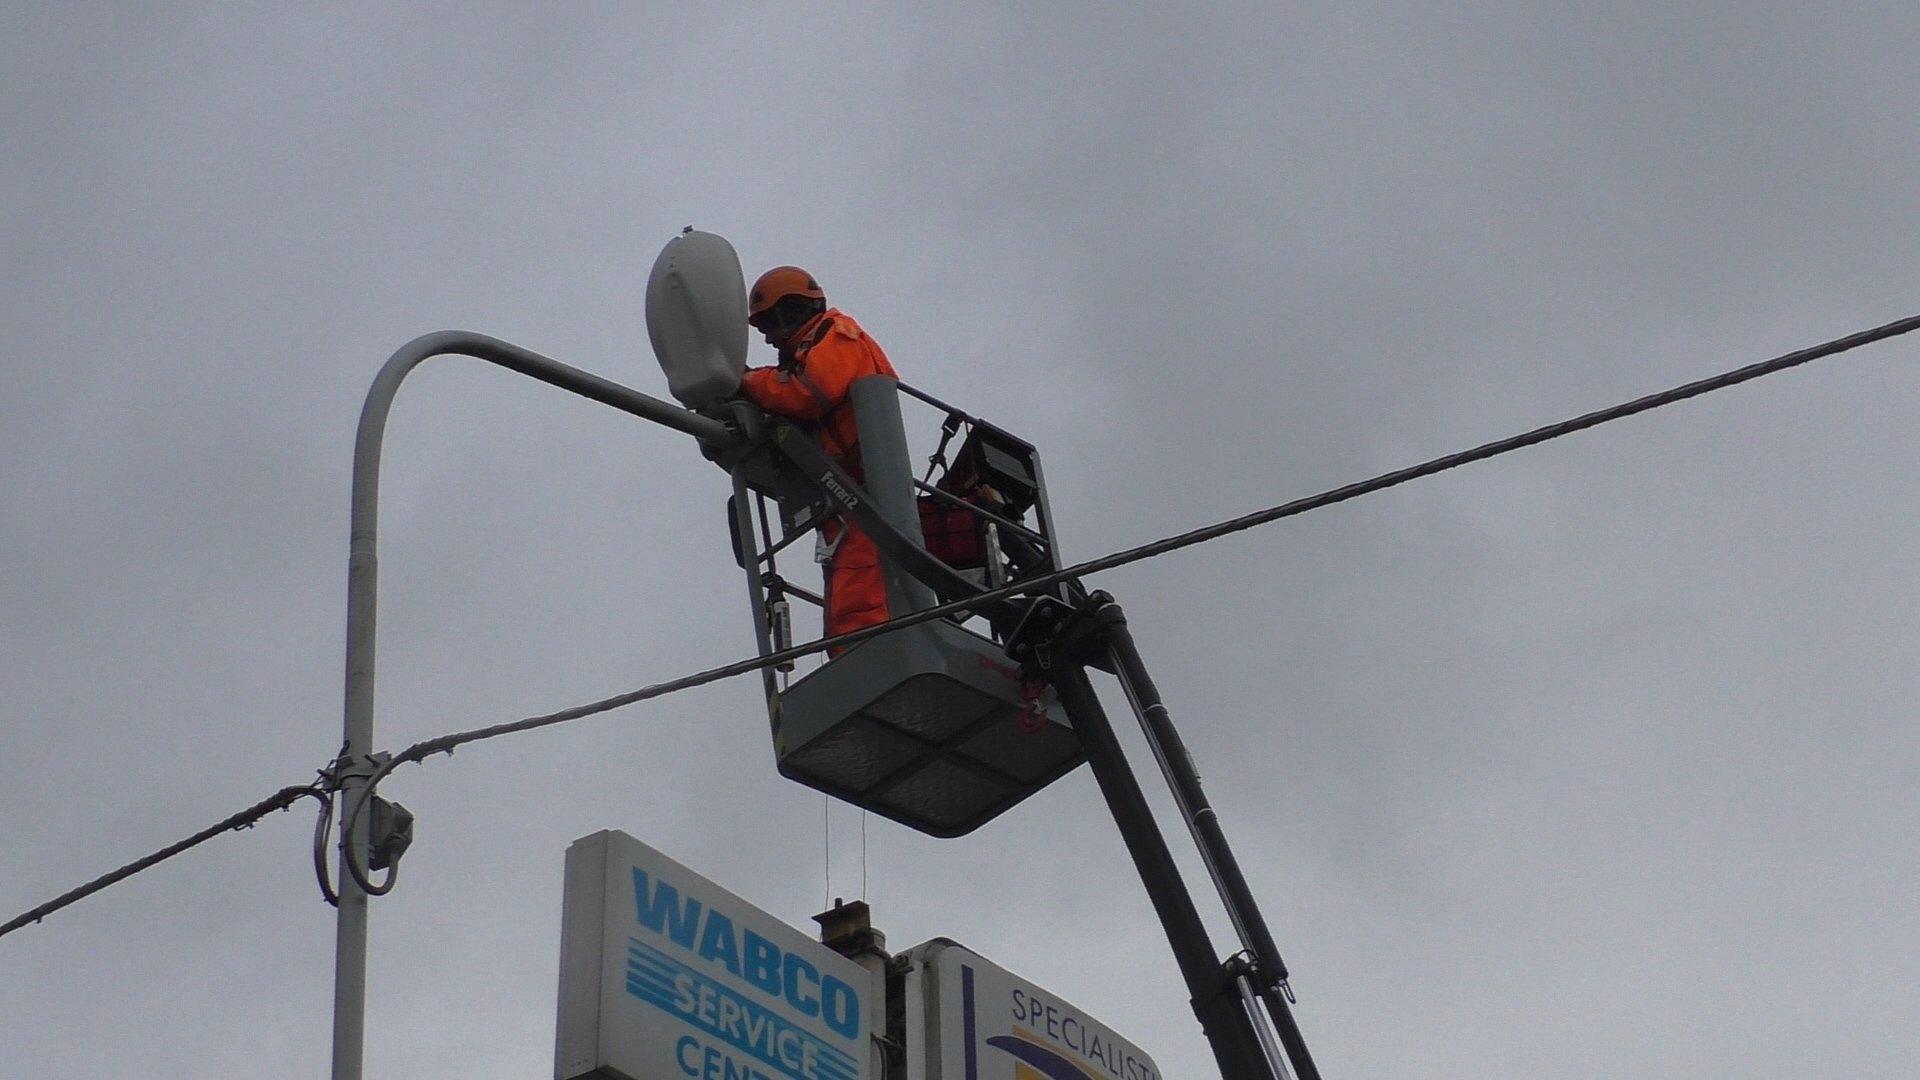 Iniziata l'Operazione Relamping a Sala Consilina: in fase di installazione 1500 nuovi led